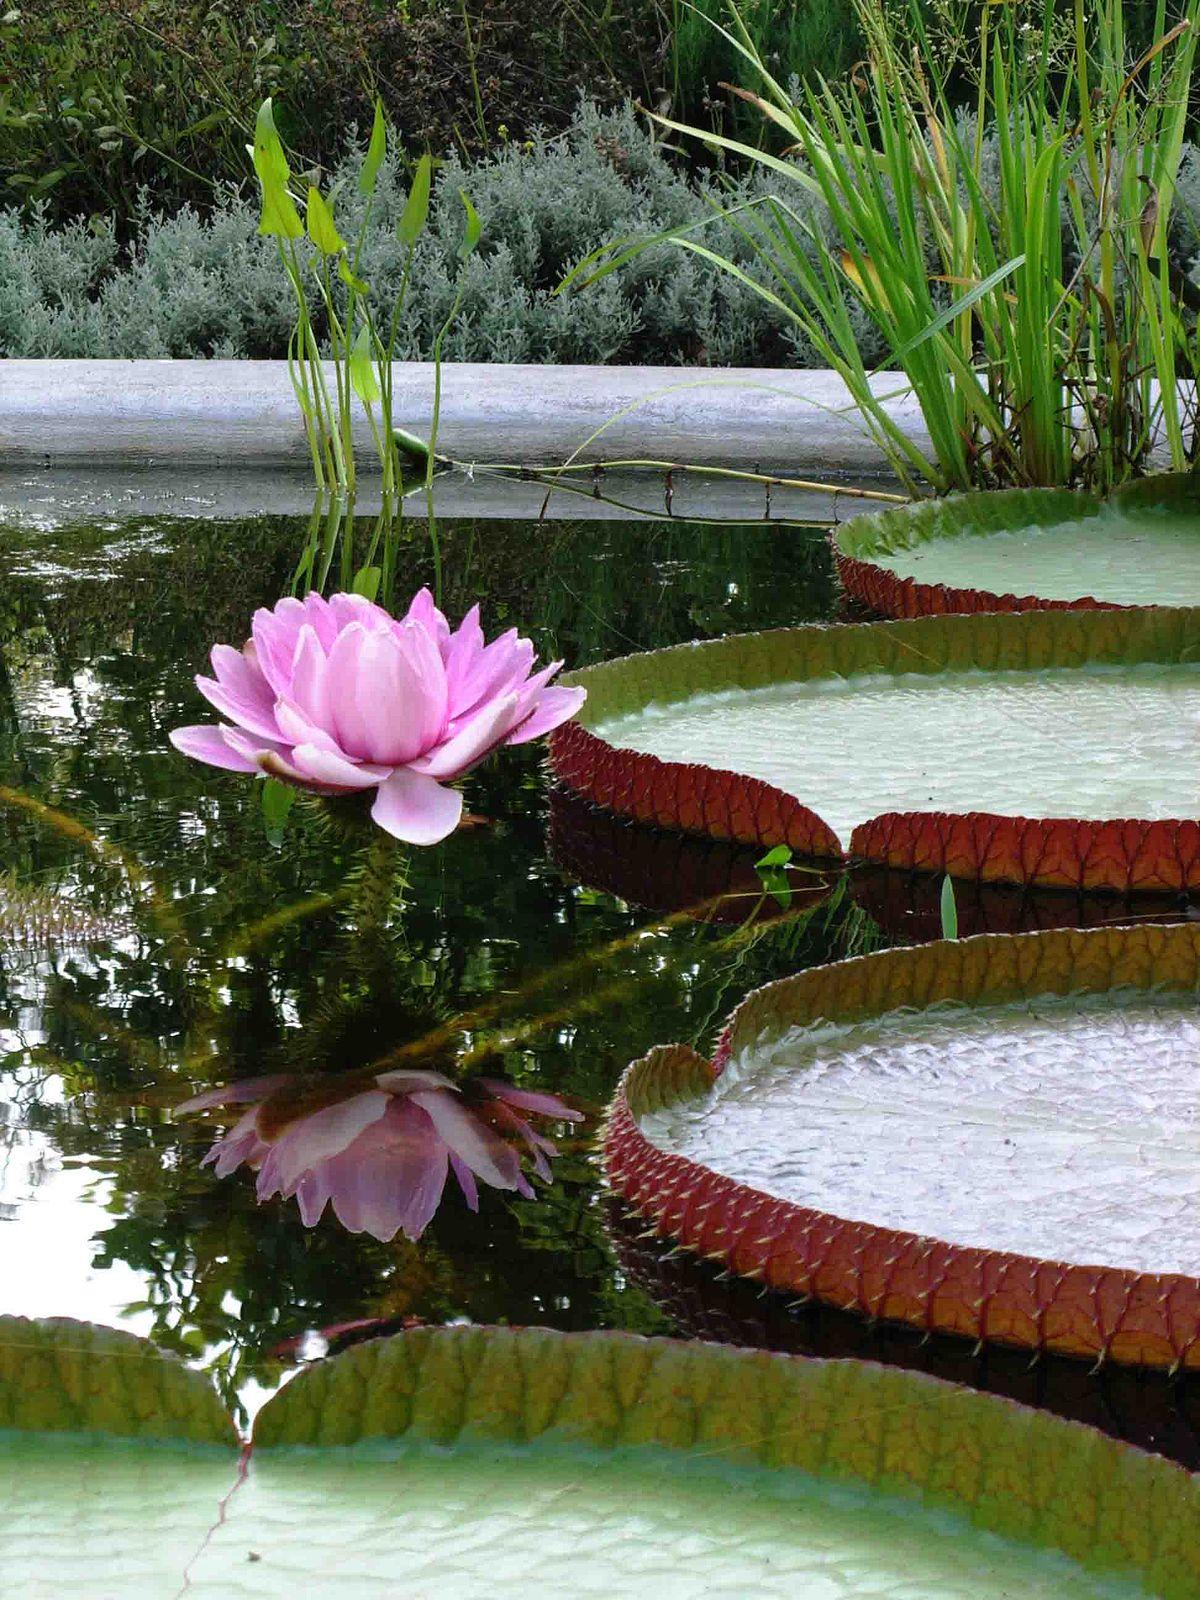 Victoria planta wikipedia la enciclopedia libre for Hierba jardin